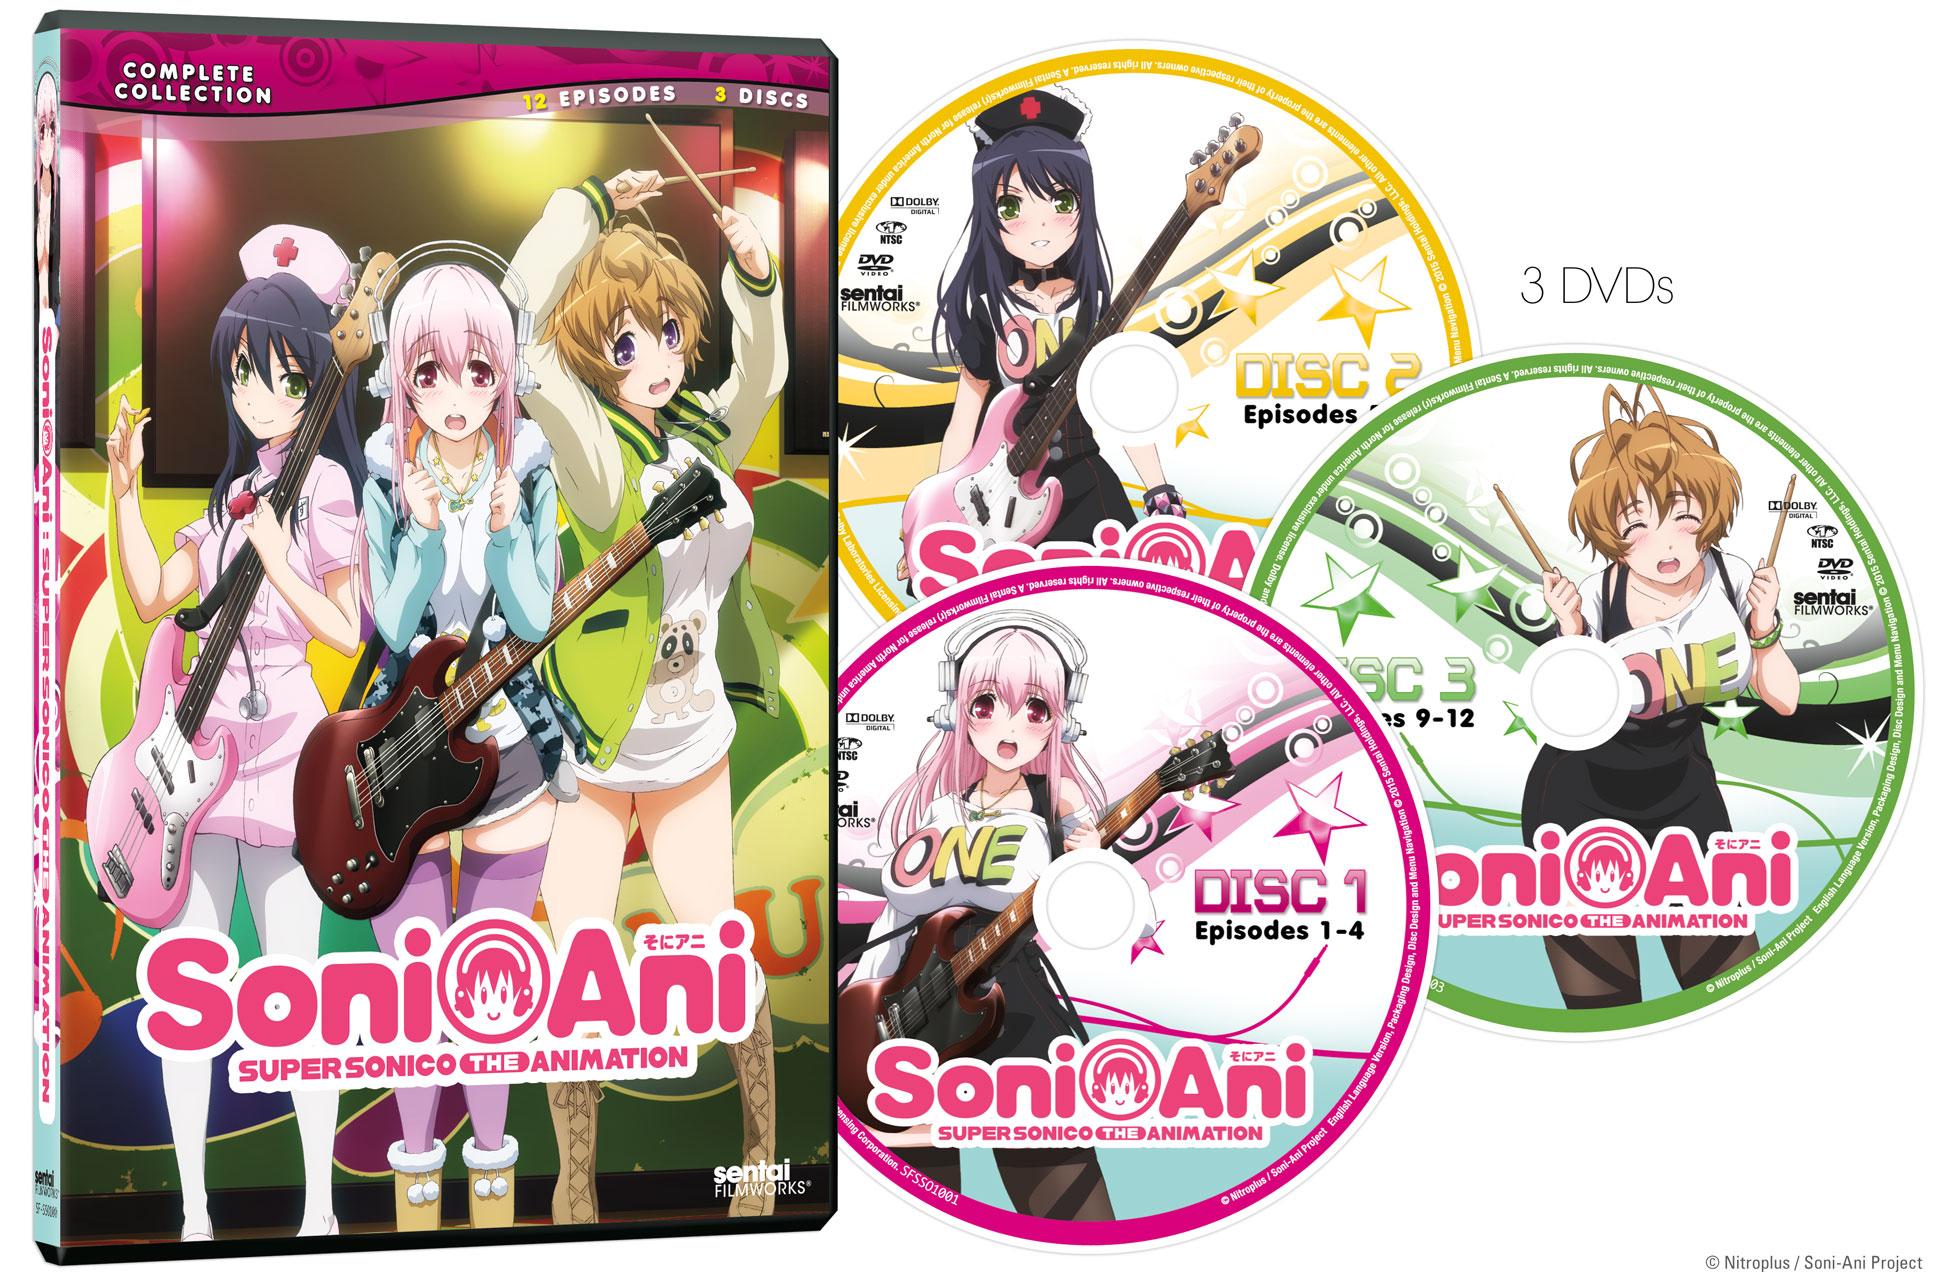 Soni-Ani Super Sonico the Animation DVD